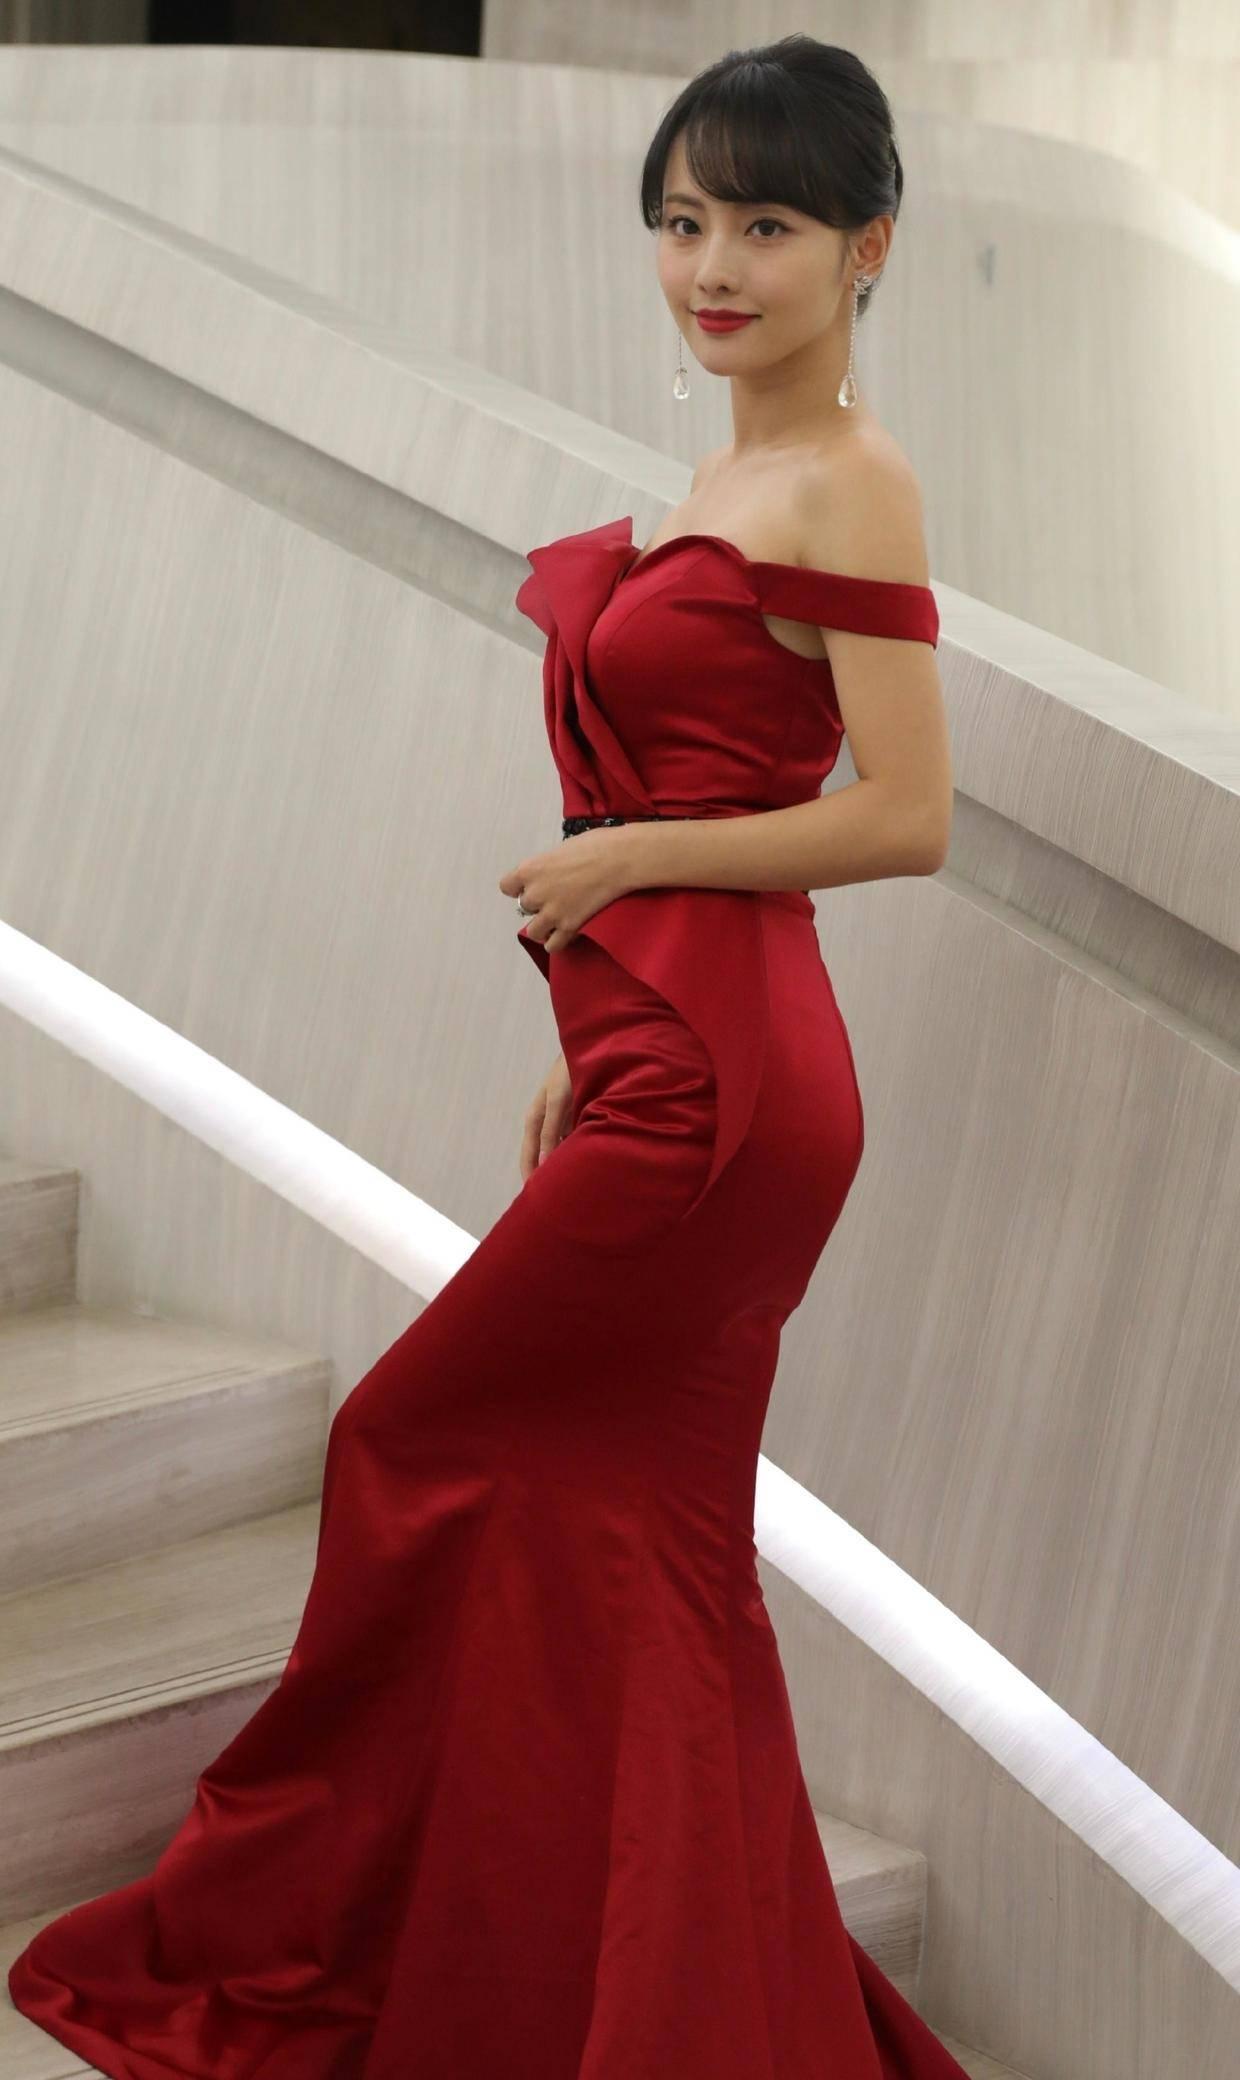 原创             张嘉倪无滤镜太美了,穿红色吊带连衣裙高贵优雅,饱满身材真馋人